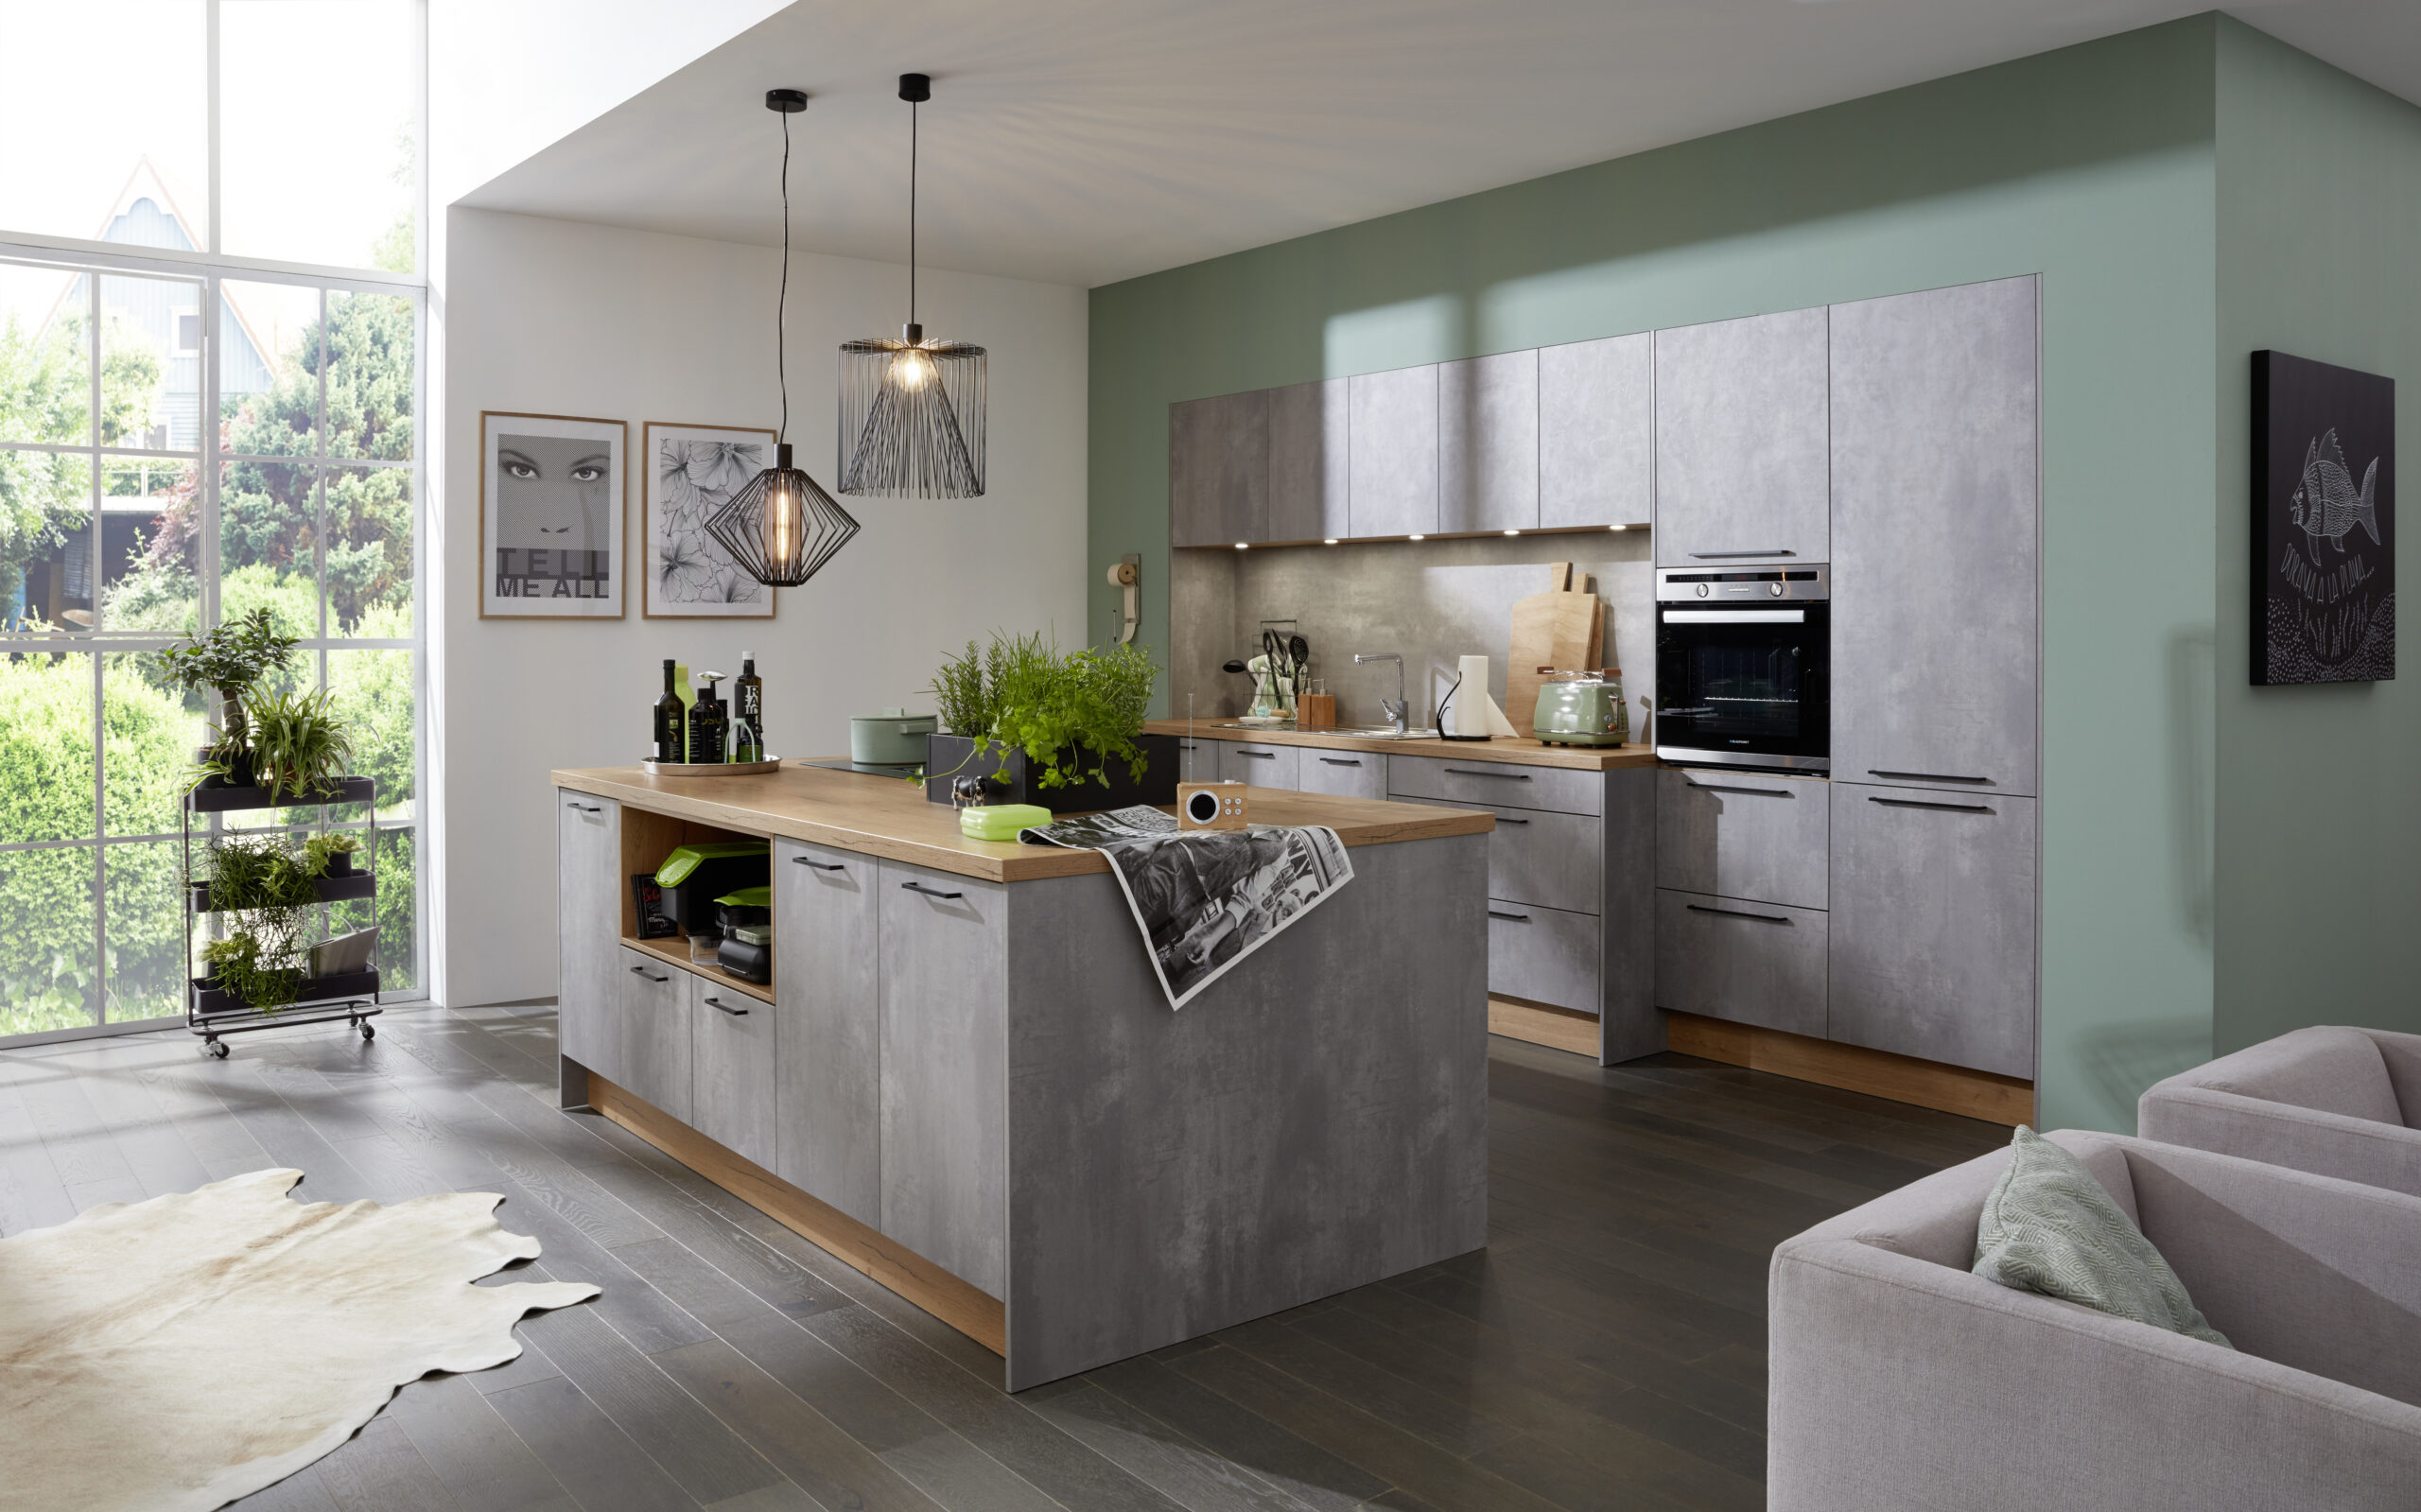 Full Size of Küchen Aufbewahrungsbehälter Küche Regal Wohnzimmer Küchen Aufbewahrungsbehälter